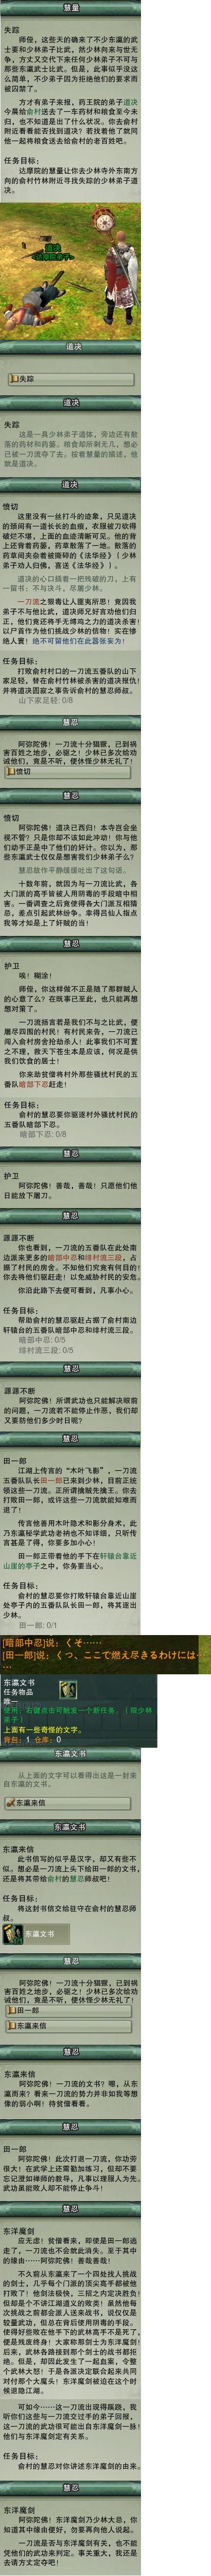 主线任务06 - 俞村 - 一刀流.jpg